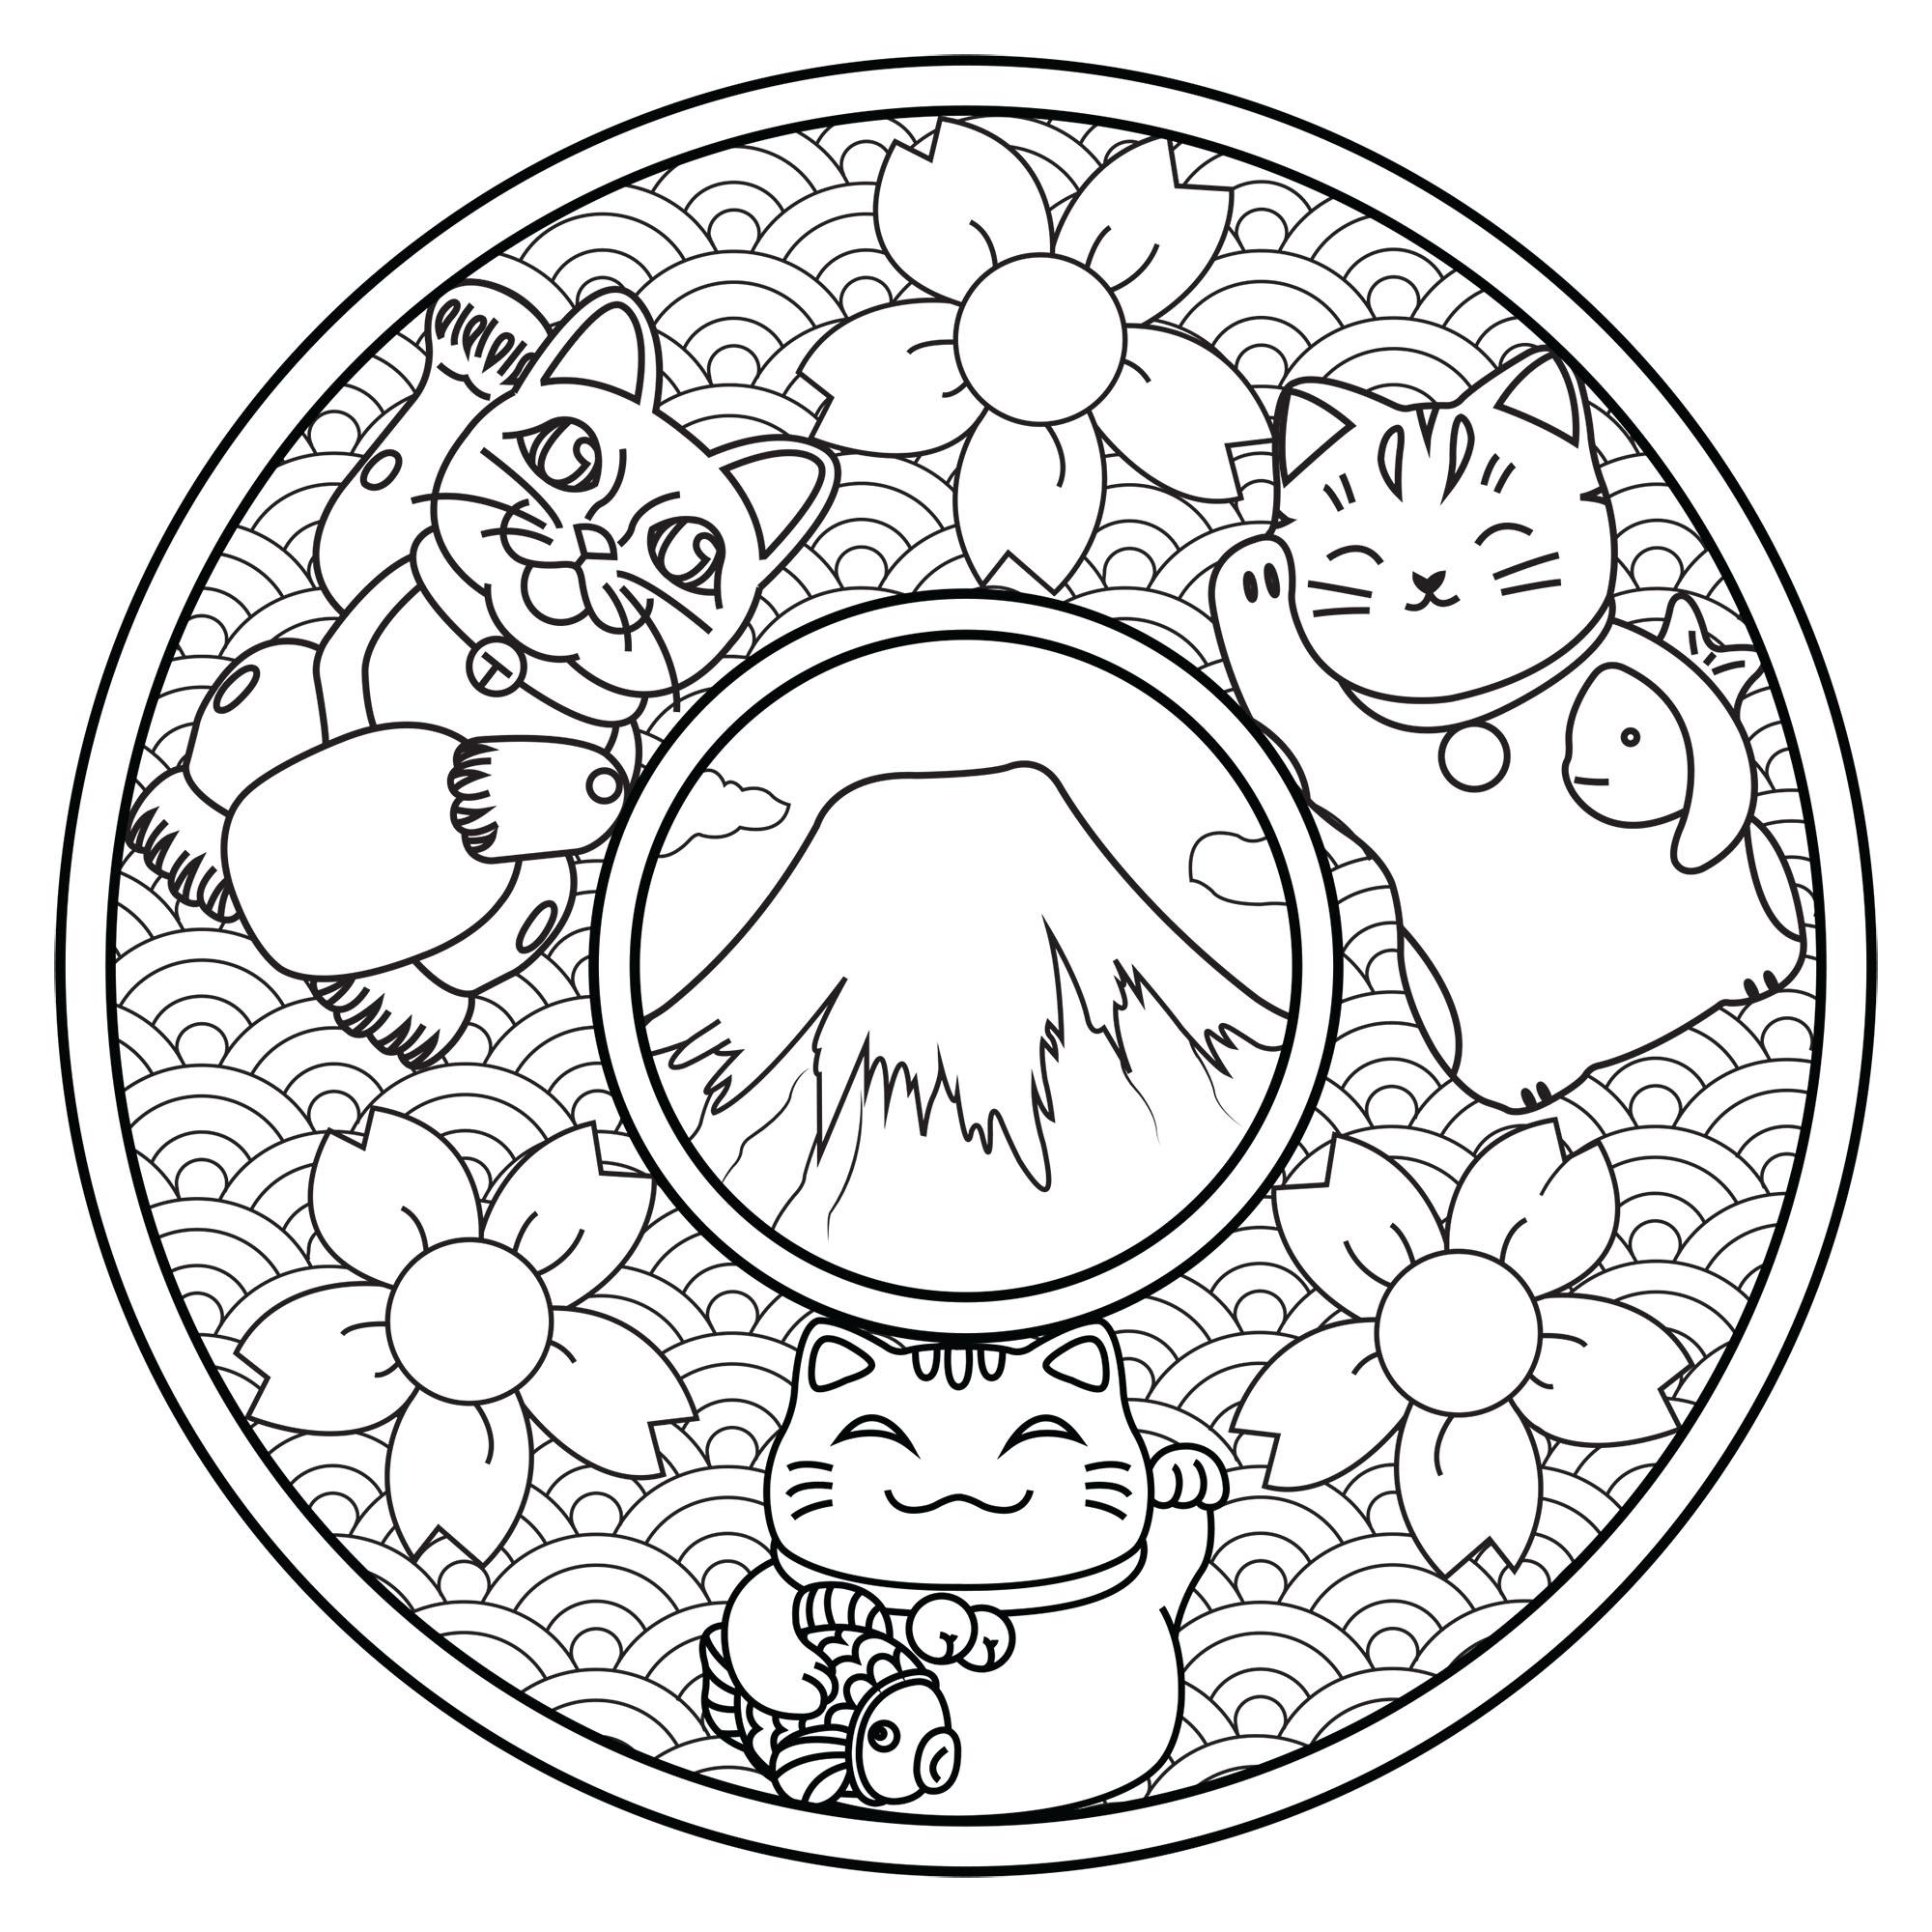 Mandala With Three Maneki Neko